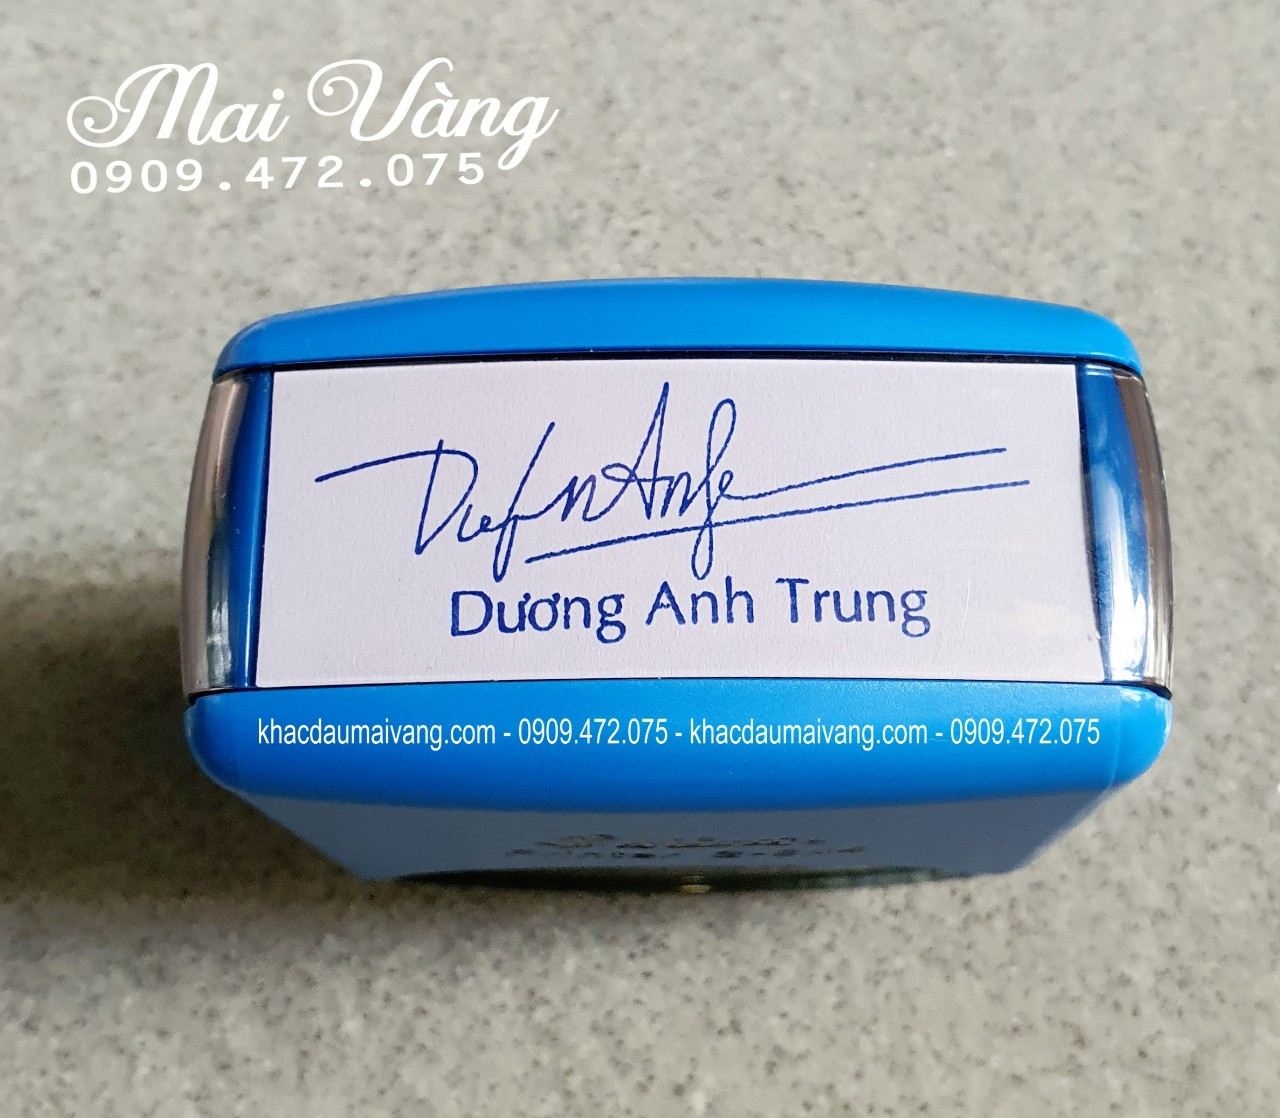 Một trong những đơn vị khắc dấu Tại Tân Bình giá rẻ uy tín, lun cho ra những sản phẩm đẹp chất lượng tốt nhất